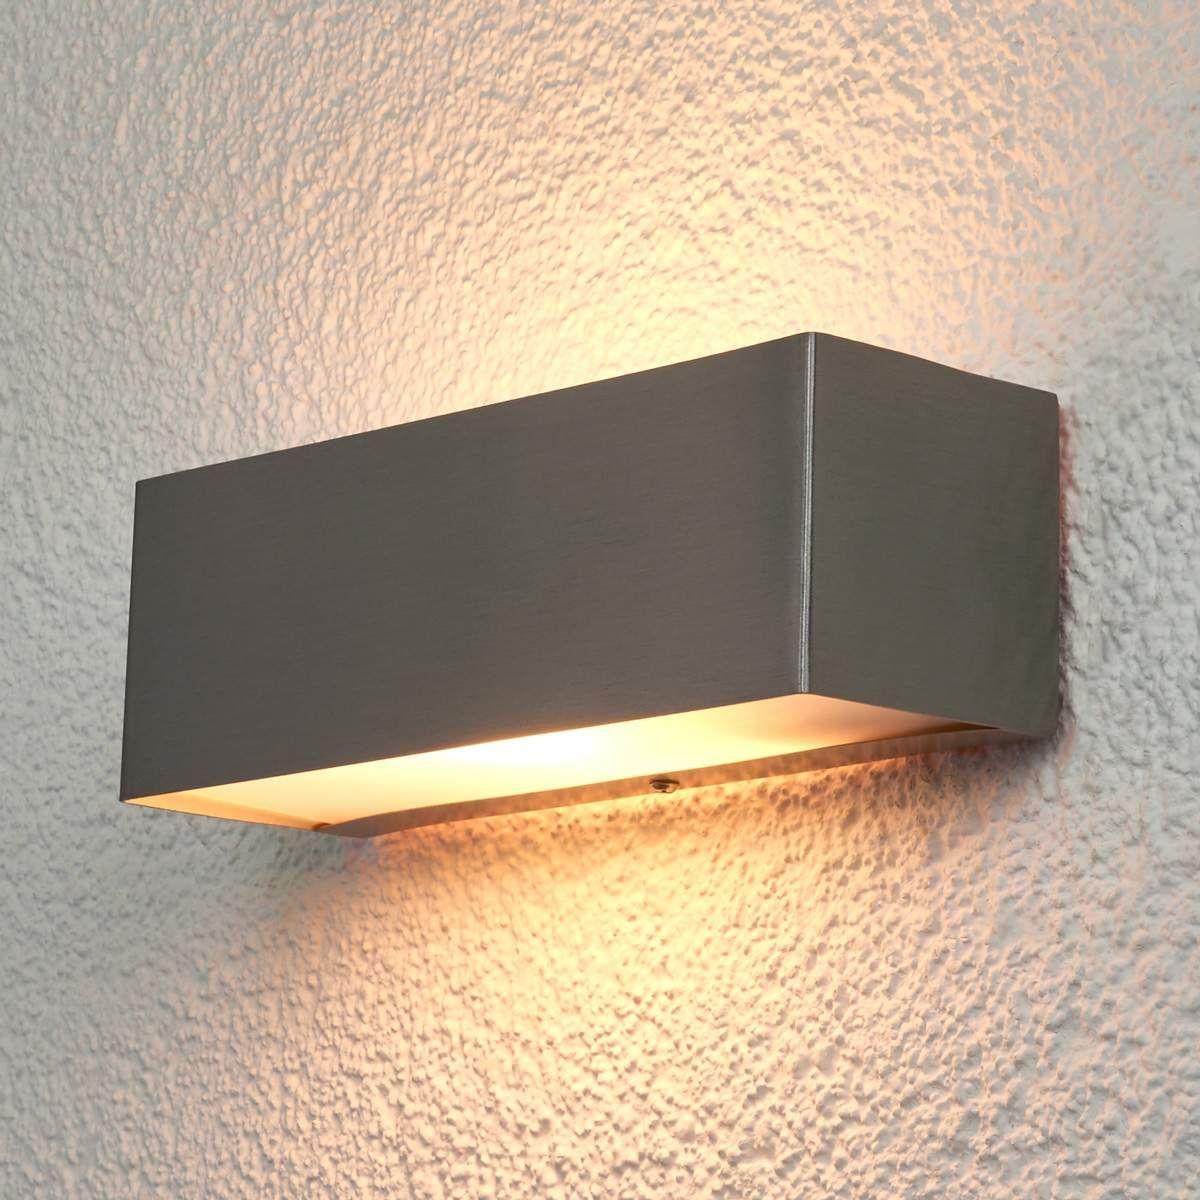 Applique Extérieure Eclairage Haut Et Bas applique extérieure en inox moderne, alicja | lampe